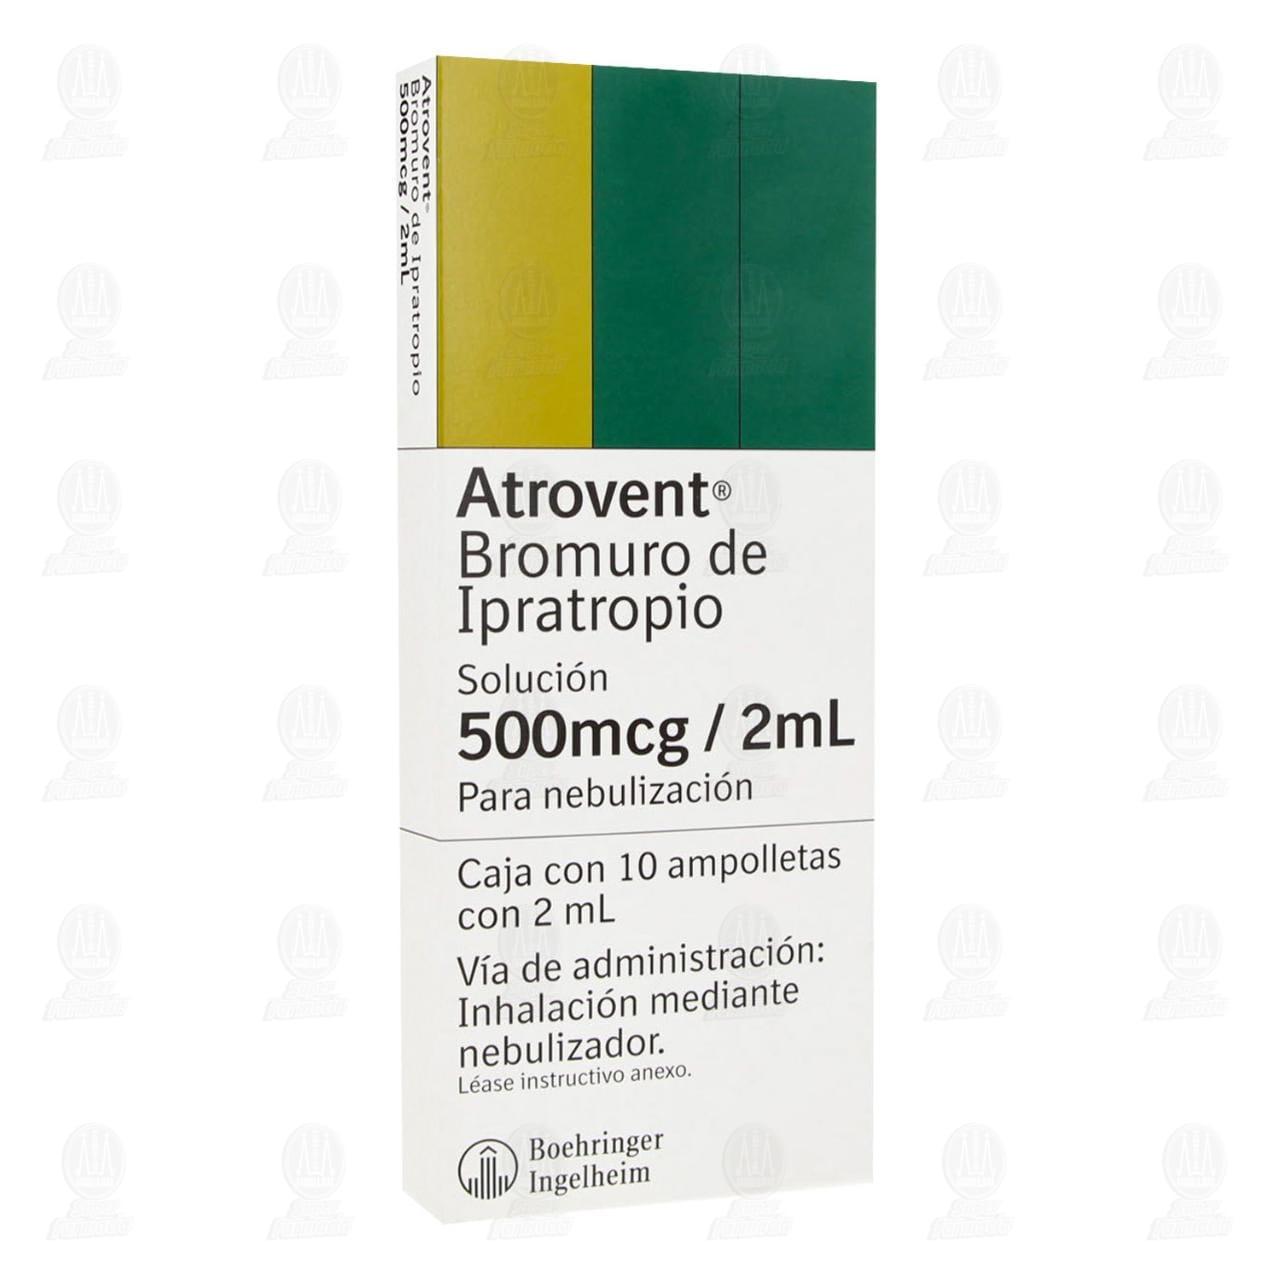 comprar https://www.movil.farmaciasguadalajara.com/wcsstore/FGCAS/wcs/products/908452_A_1280_AL.jpg en farmacias guadalajara